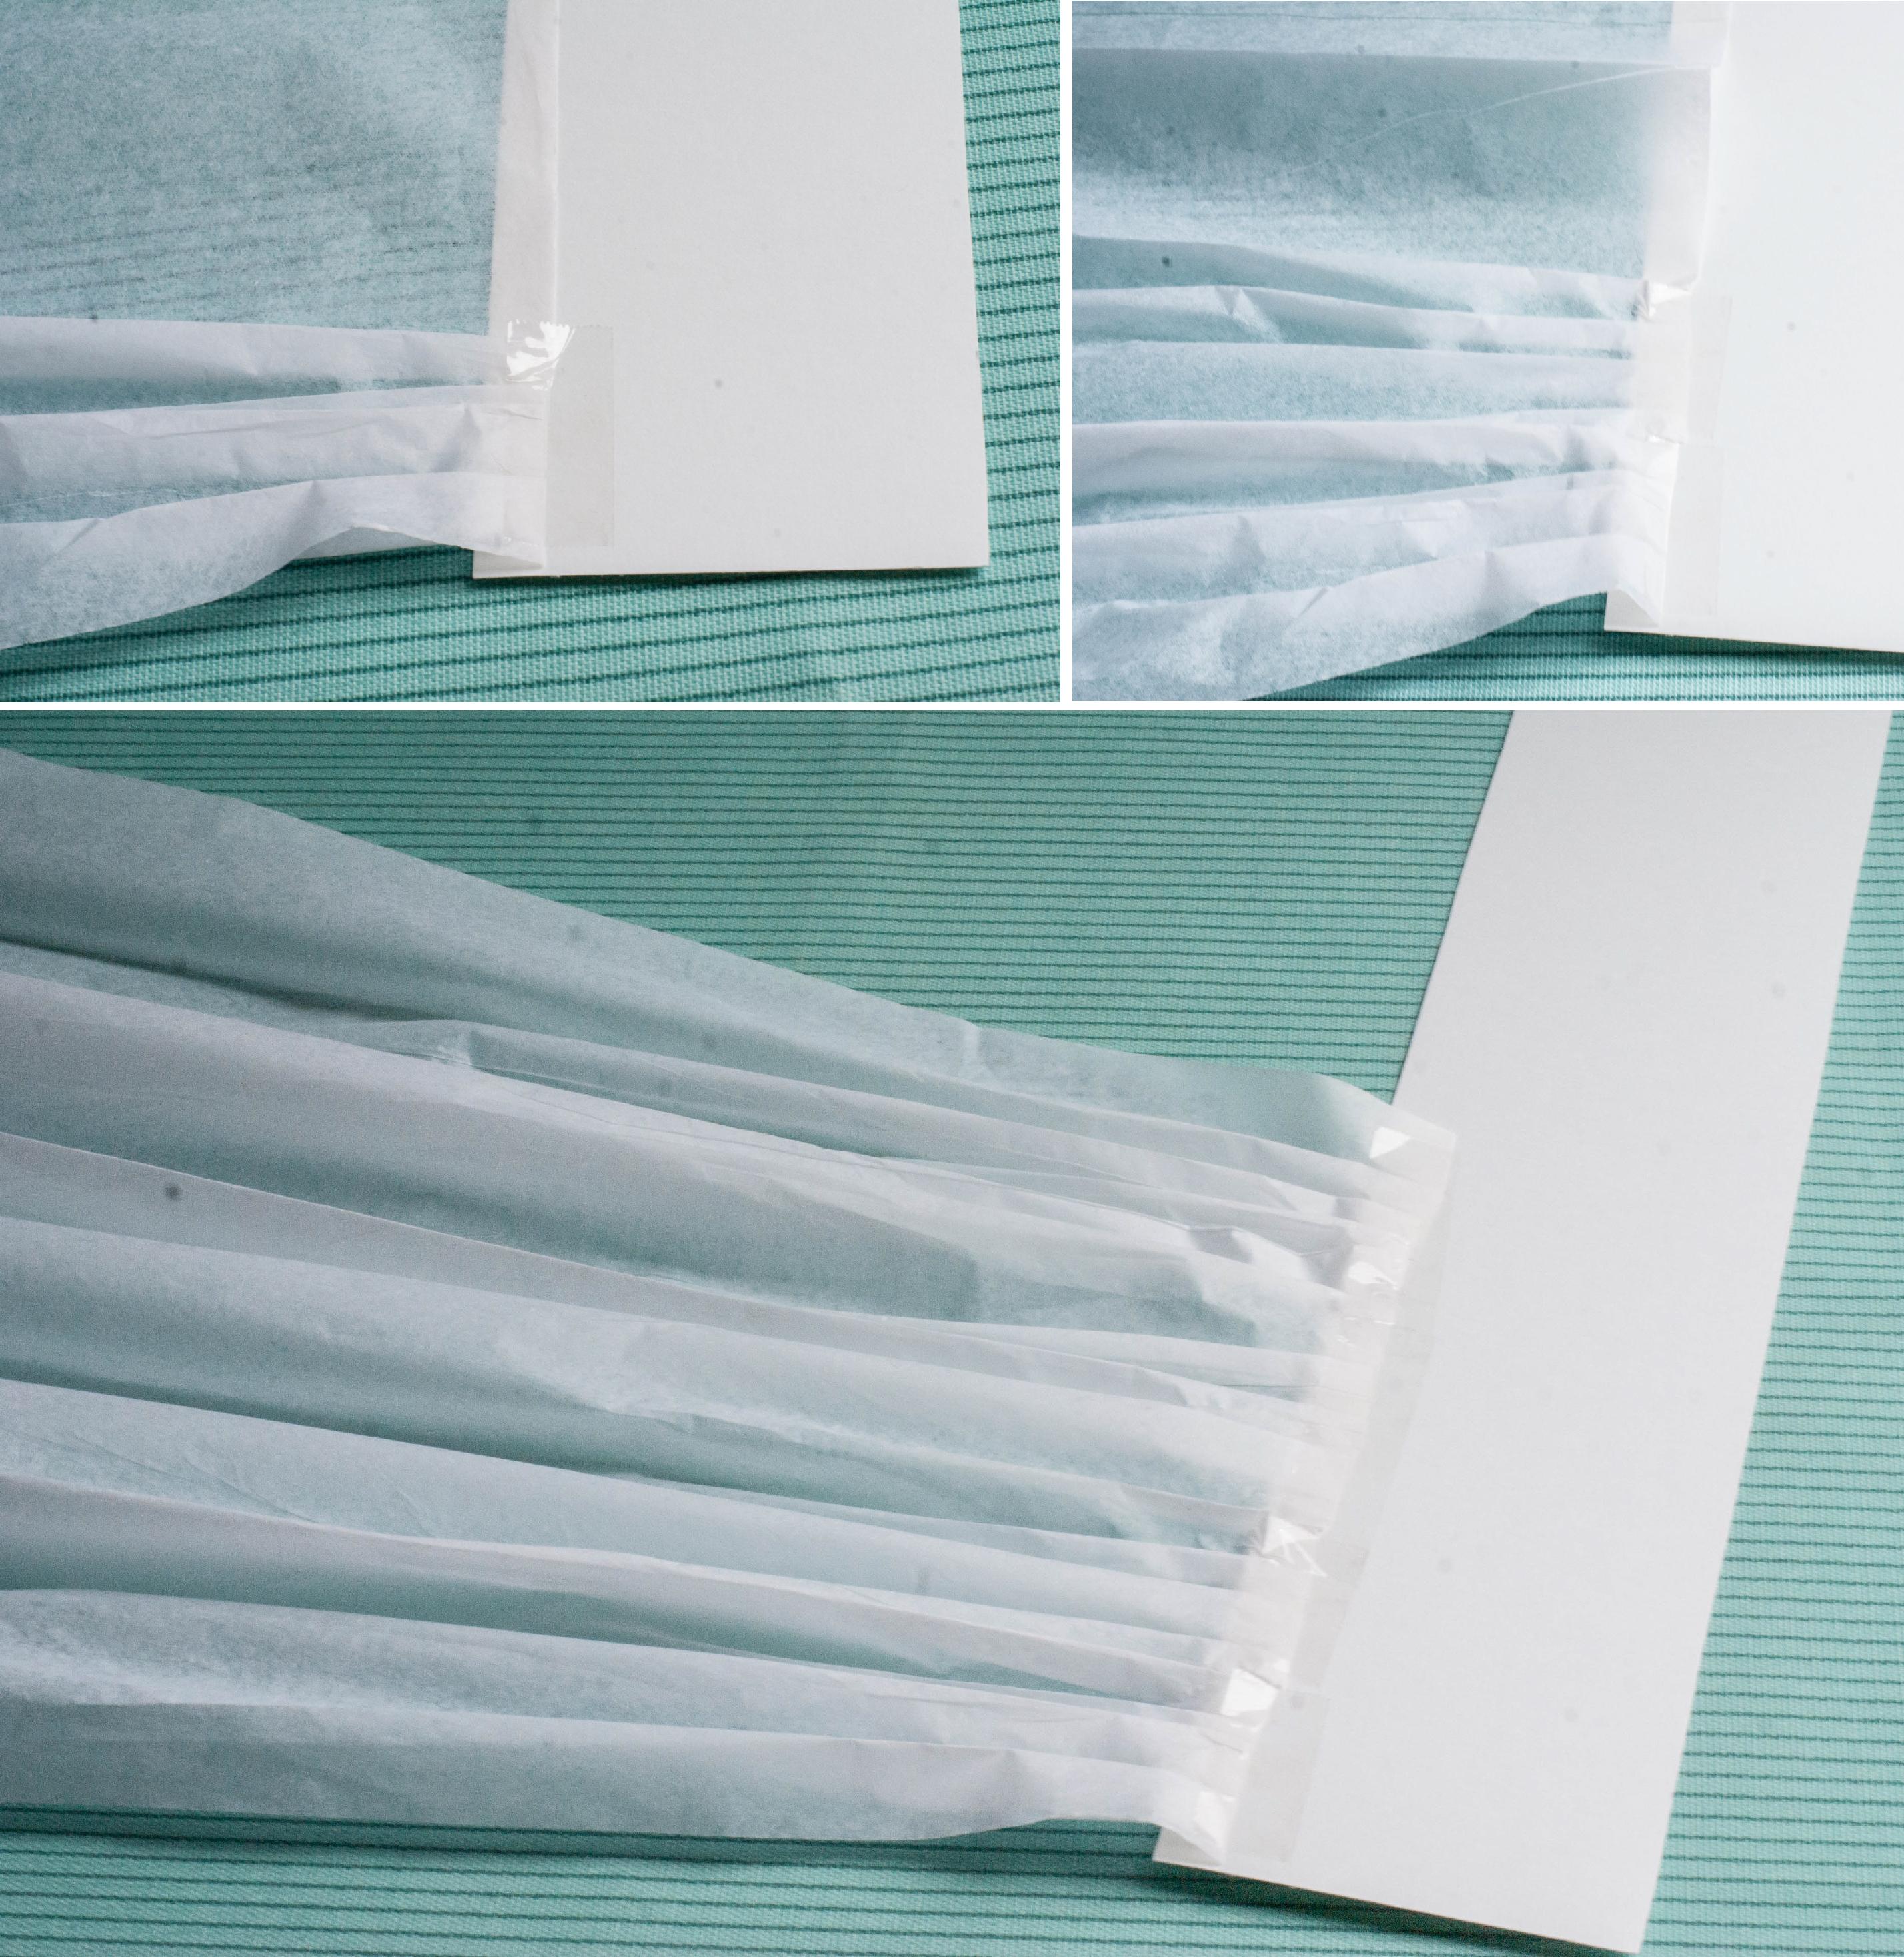 Using Tissue Paper For Baking Cake